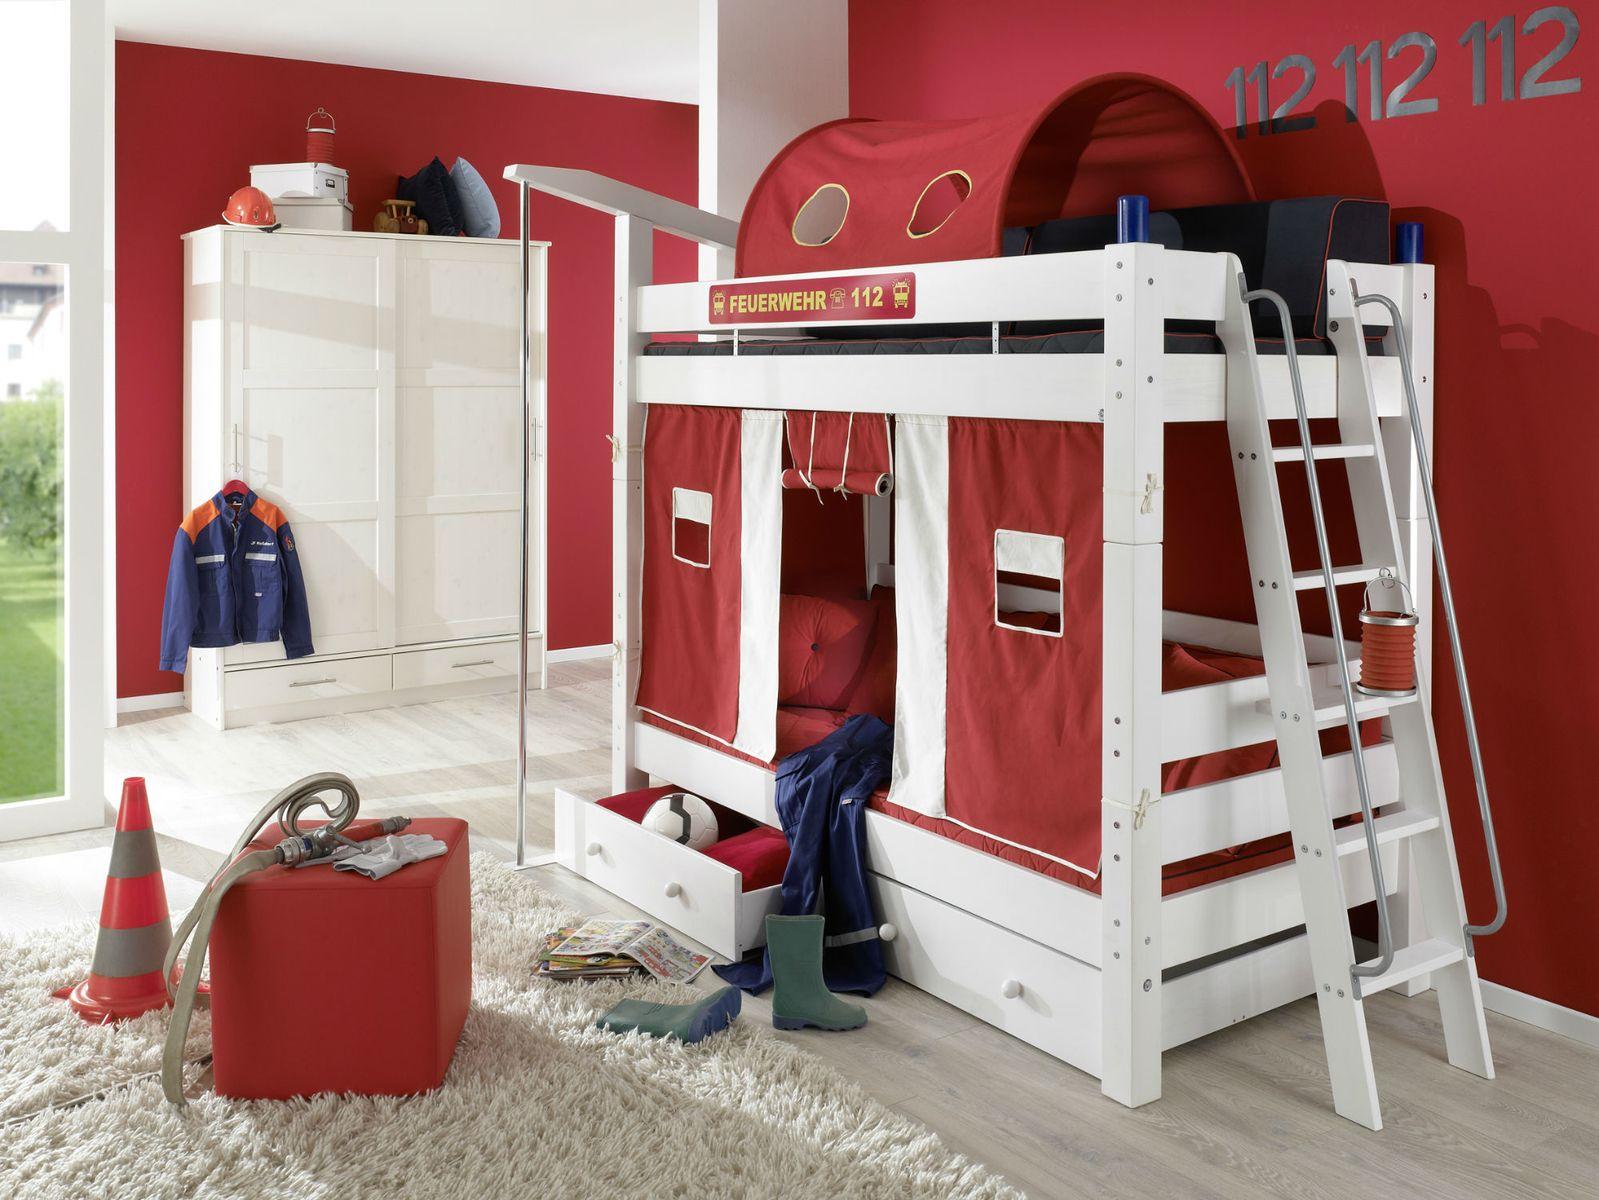 Feuerwehr Etagenbett Moby Fur Kinder Etagenbett Kinder Zimmer